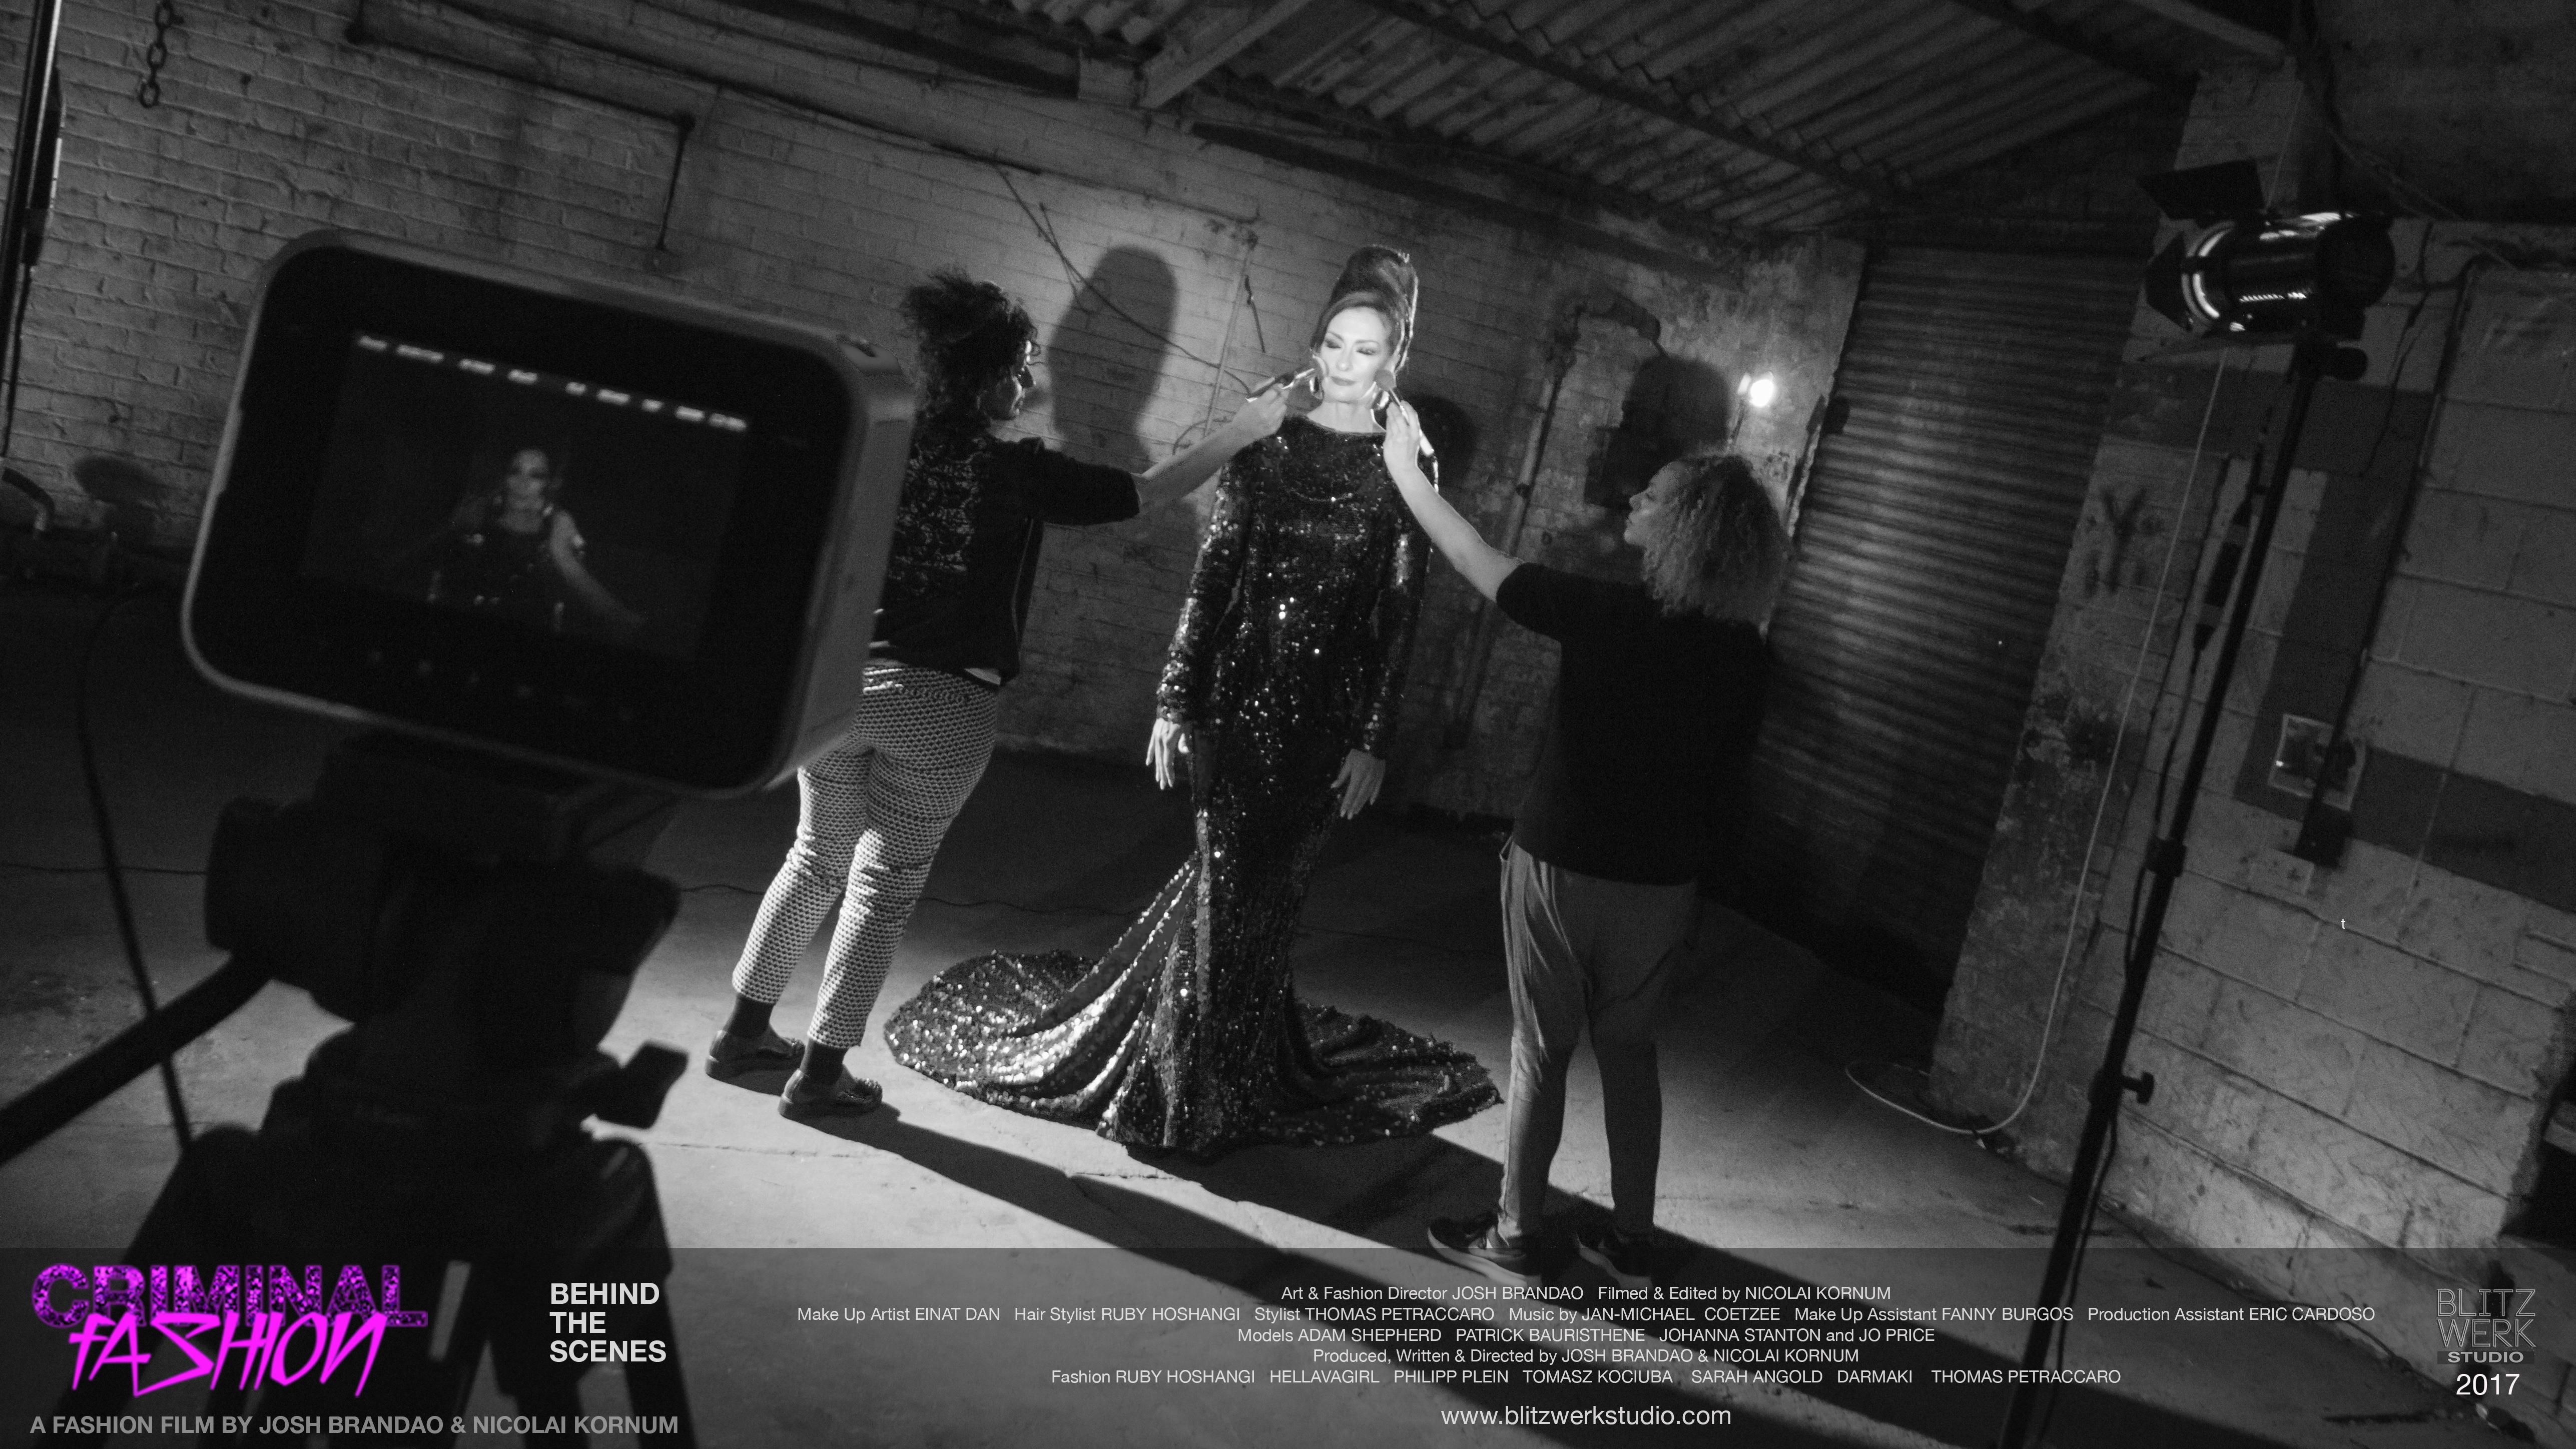 CRIMINAL FASHION BTS 7, Einat Dan, Jo Price, Fanny Burgos